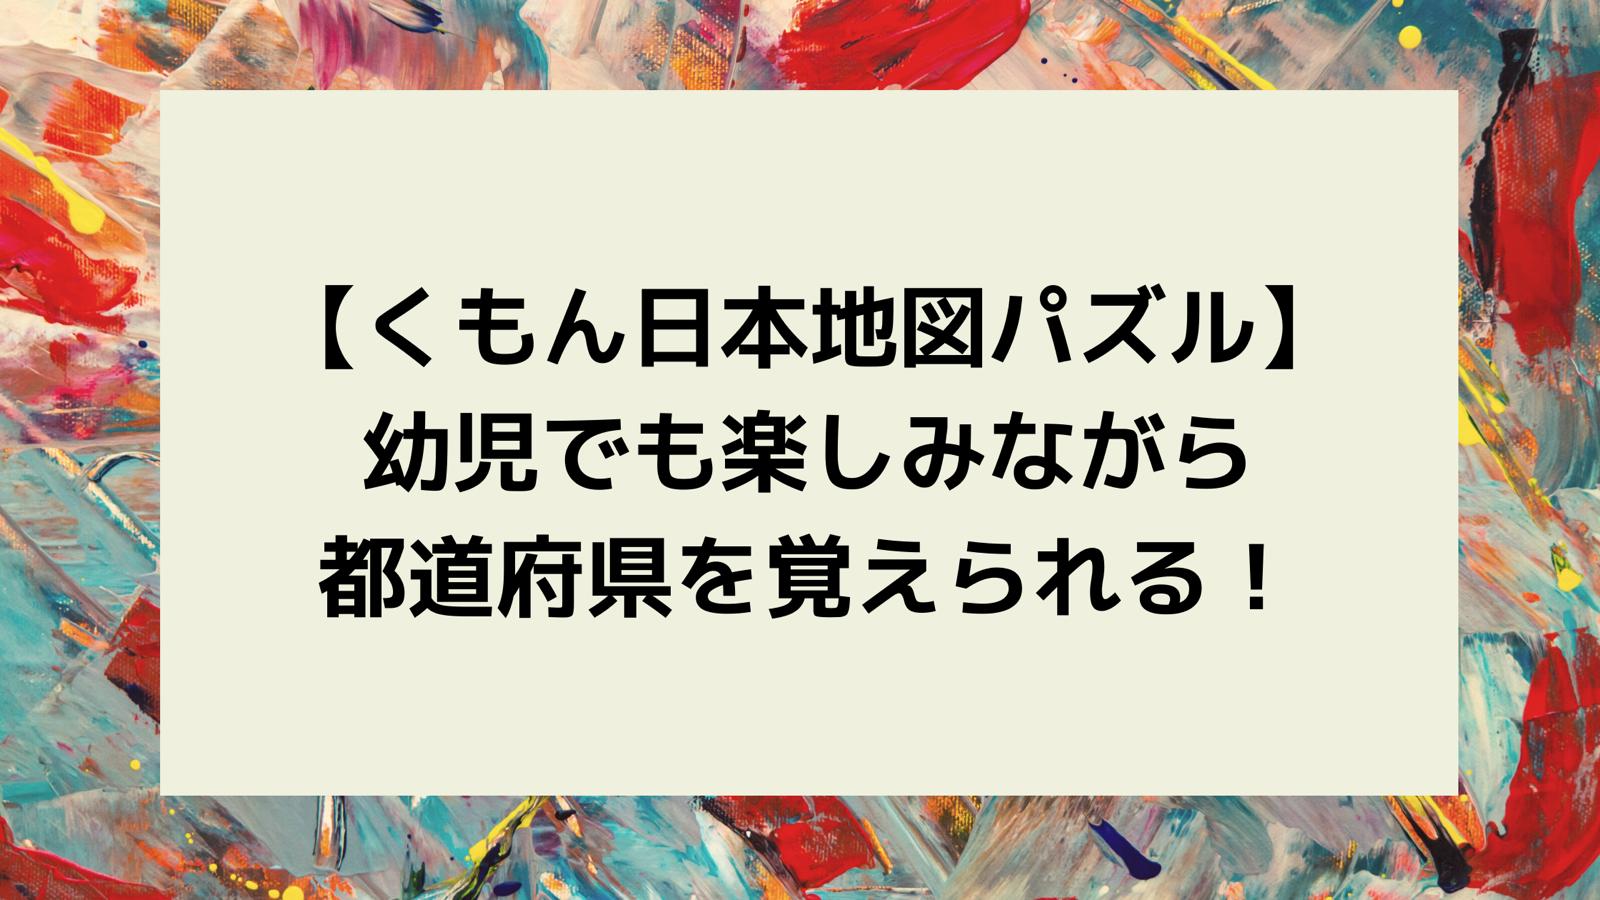 くもん日本地図パズルに2歳と5歳が夢中!楽しみながら地図を覚える   幼児の知育情報サイト   たねまきぶ...